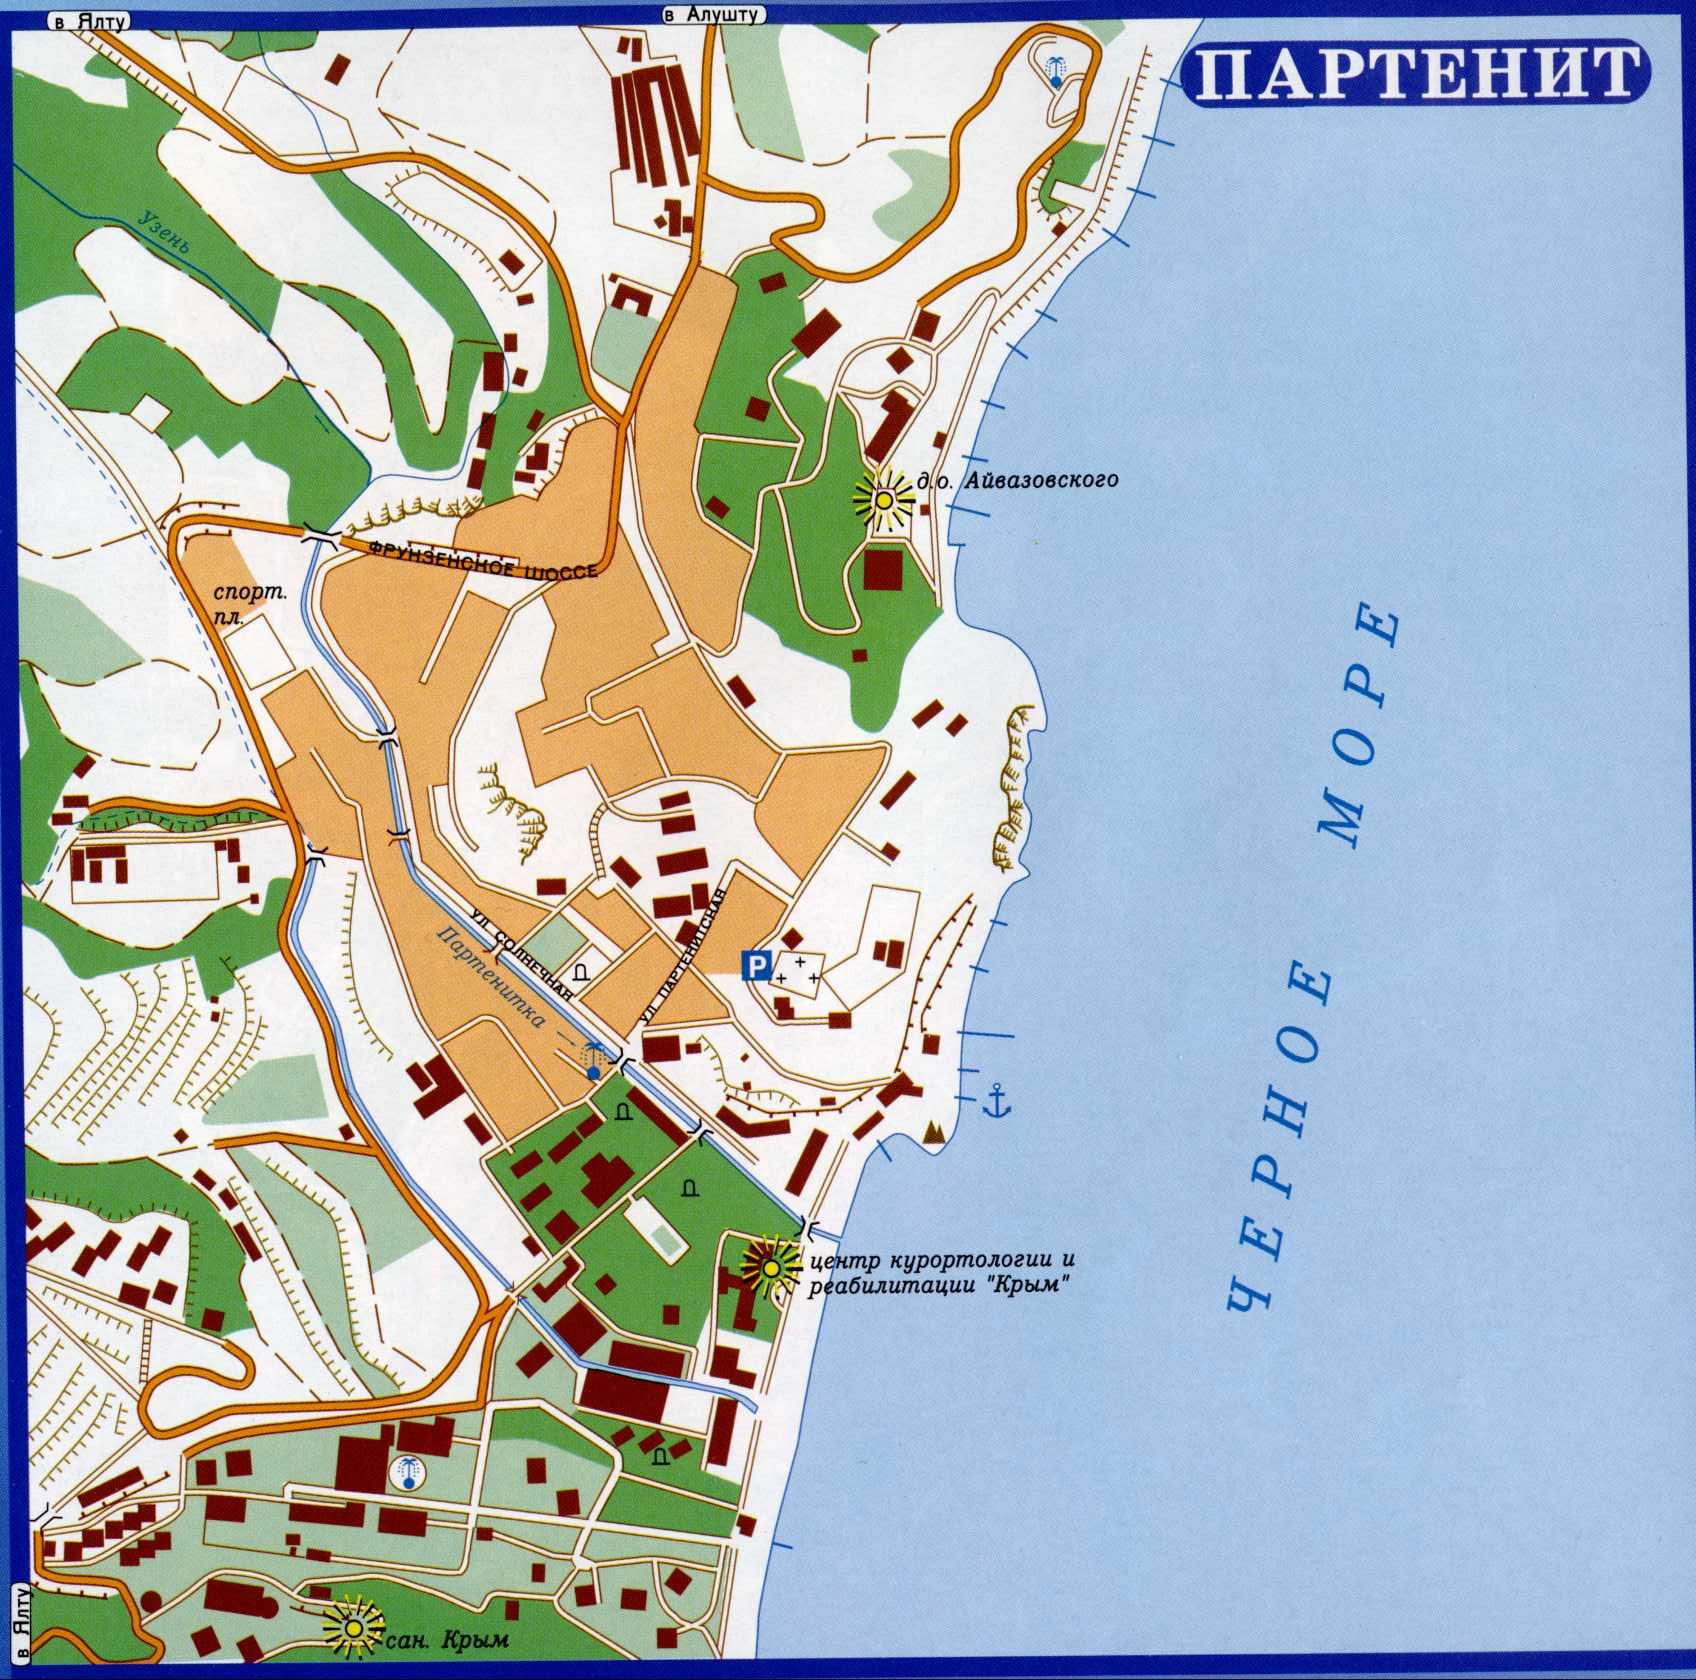 Карта Партенита С Улицами И Номерами Домов